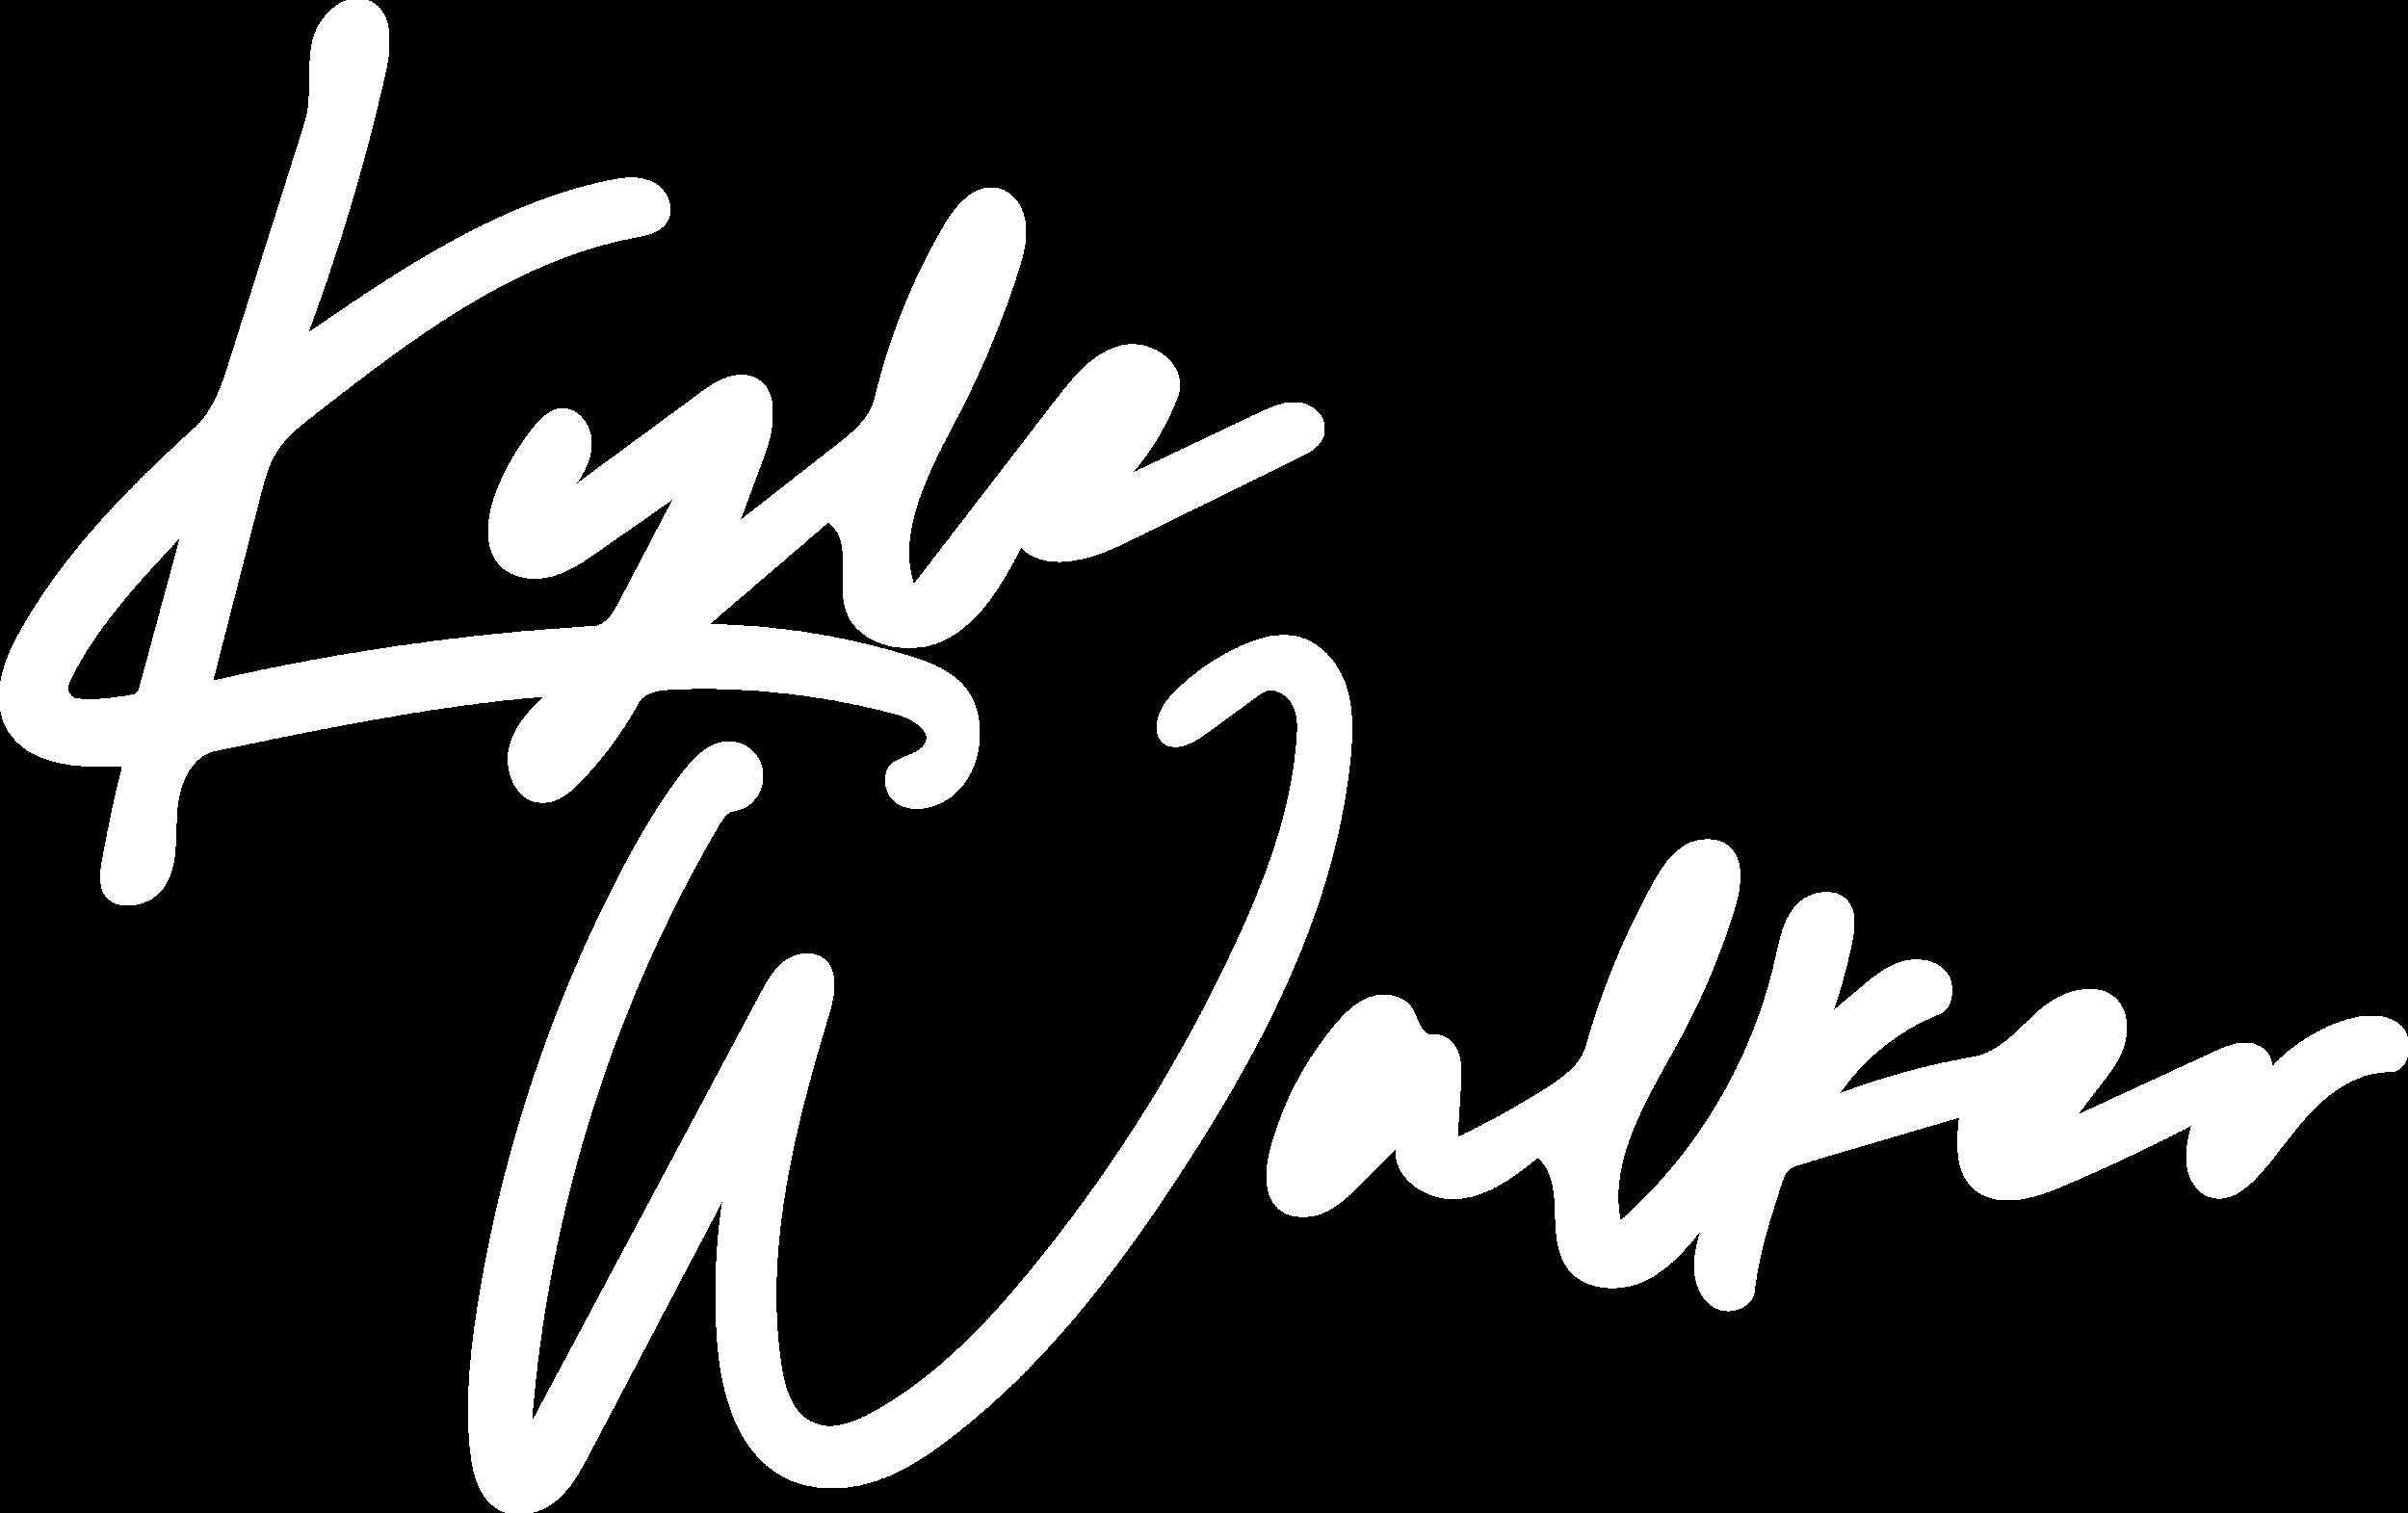 Kyle Walker Logo